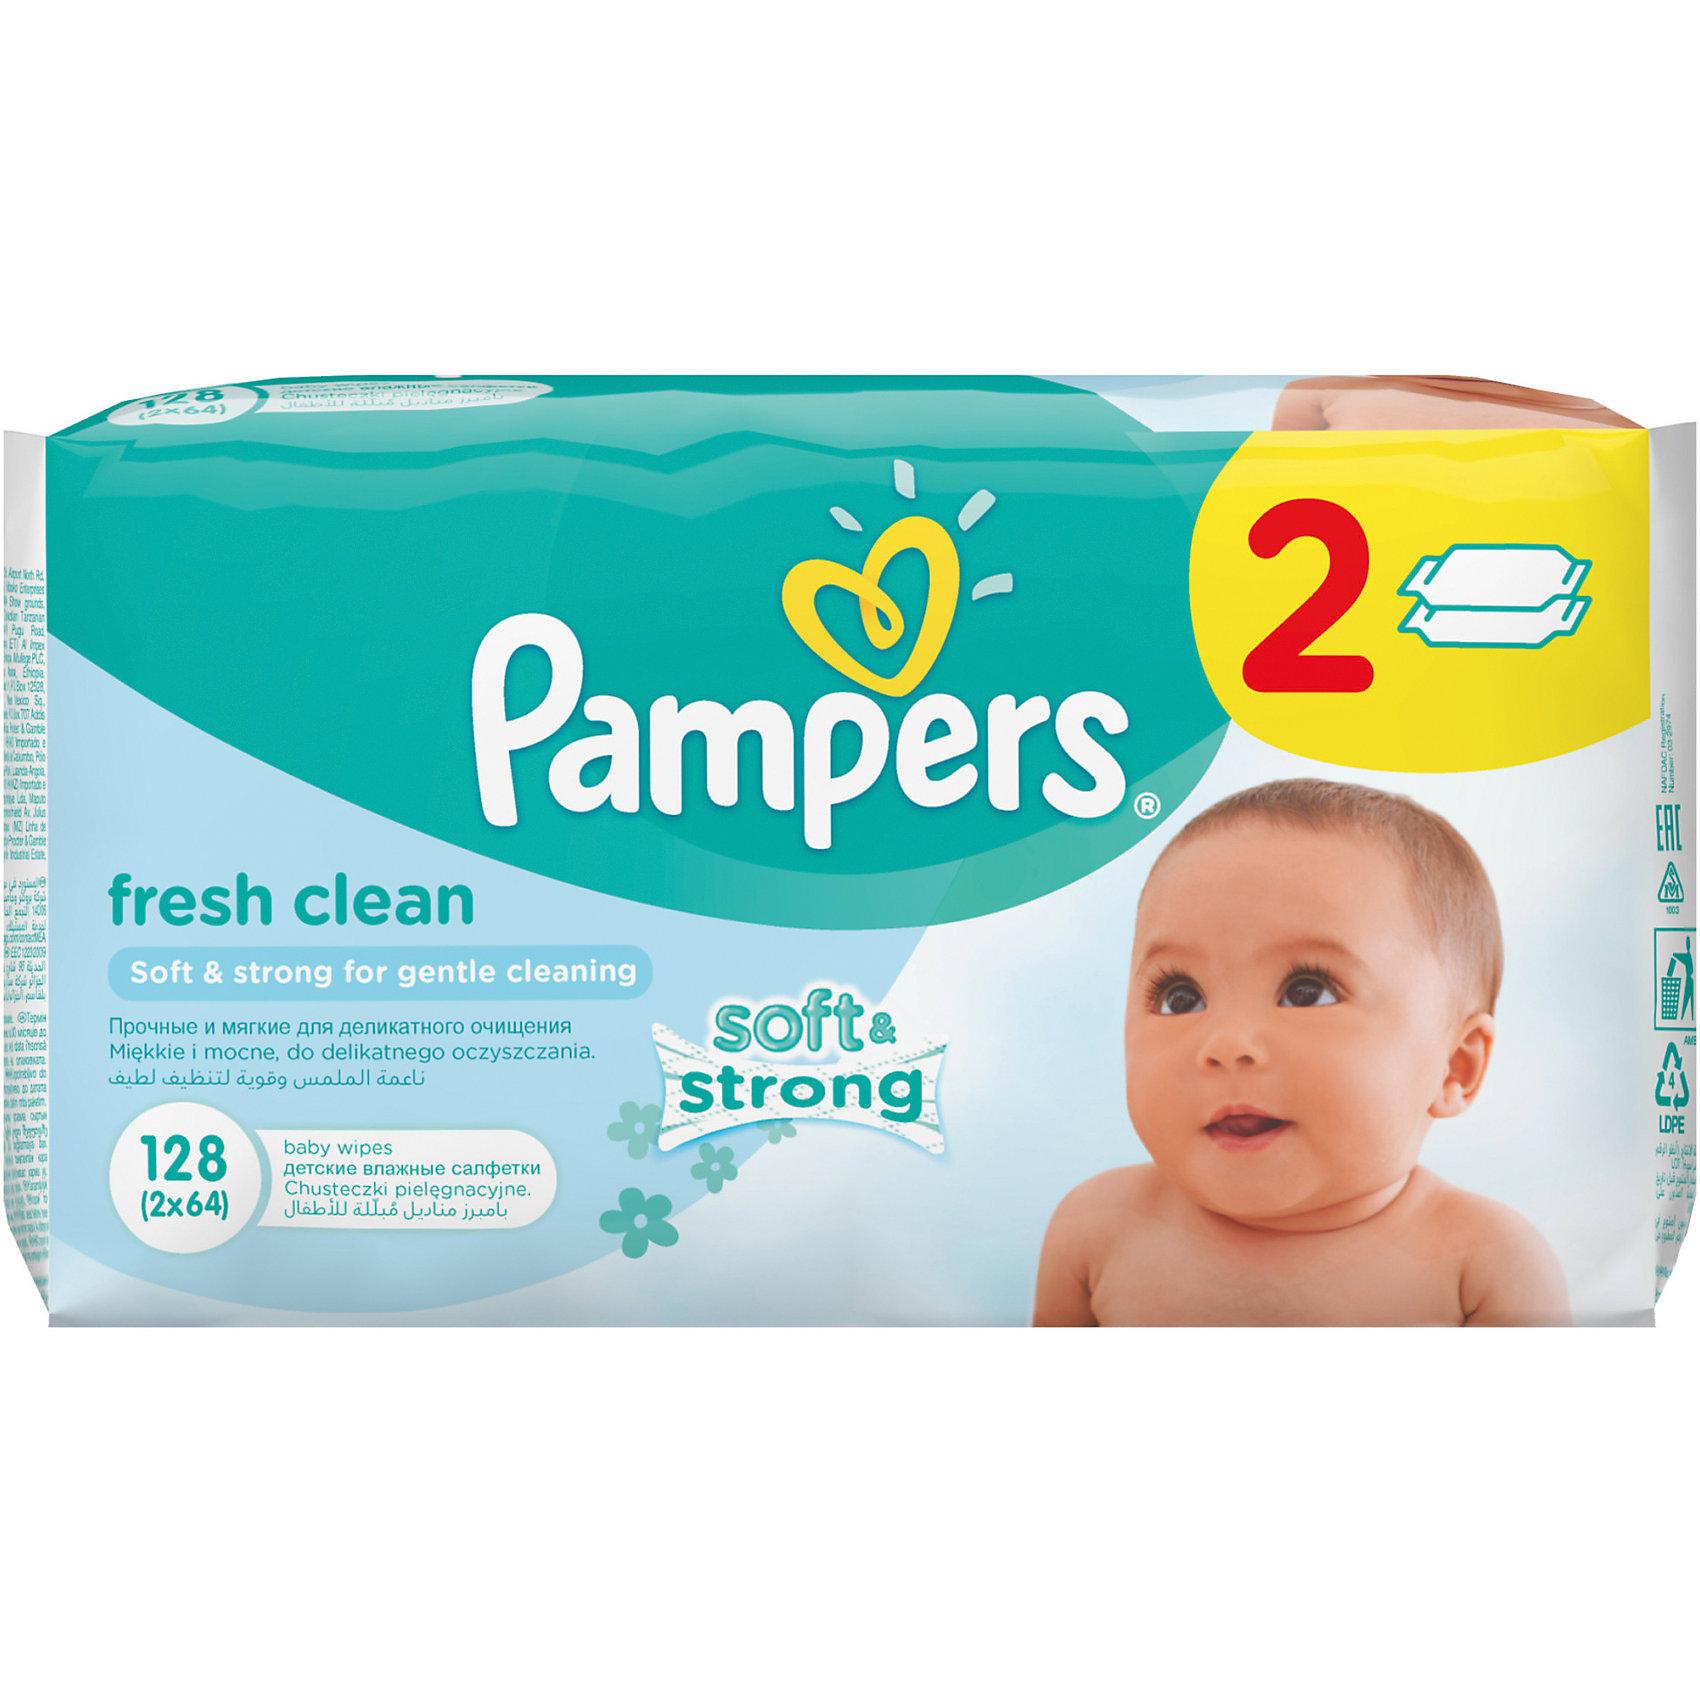 Салфетки детские влажные Pampers  Baby Fresh Clean,  128 шт., PampersХарактеристики:<br><br>• Пол: универсальный<br>• Тип салфеток: одноразовые<br>• Вид салфеток: влажные<br>• Коллекция: Baby Fresh Clean<br>• Предназначение: для гигиены<br>• Количество в упаковке: 128 шт.<br>• Материал салфеток: 100% целлюлоза<br>• Упаковка: полиэтиленовая упаковка с пластиковым клапаном многоразового использования<br>• Размер упаковки: 18,5*9,1*9,8 см<br>• Вес в упаковке: 834 г<br>• Поддерживает естественный ph уровень<br>• Мягкий верхний слой SoftGrip<br>• Дополнительное увлажнение<br>• Прошли дерматологические тестирования<br><br>Салфетки детские влажные Pampers Baby Fresh Clean, 128 шт., Pampers – это линейка детских гигиенических салфеток от Pampers, предназначенных для ухода за нежной кожей новорожденных и младенцев. Салфетки выполнены из 100% целлюлозы, имеют мягкий верхний слой SoftGrip, который не раздражает кожу ребенка во время процедур, при этом хорошо удерживает влагу. <br><br>Изделия пропитаны лосьоном, состоящим из 95% воды и 5% экстракта натуральных масел, что делает эти салфетки гипоаллергенными. Благодаря своему составу салфетки можно использовать для чувствительной кожи. Салфетки упакованы в полиэтиленовую упаковку и пластиковым защитным клапаном, что обеспечивает длительное сохранение их очищающих свойств и защищает от высыхания.<br><br>Салфетки детские влажные Pampers Baby Fresh Clean, 128 шт., Pampers можно купить в нашем интернет-магазине.<br><br>Ширина мм: 185<br>Глубина мм: 91<br>Высота мм: 98<br>Вес г: 834<br>Возраст от месяцев: 0<br>Возраст до месяцев: 36<br>Пол: Унисекс<br>Возраст: Детский<br>SKU: 5419096